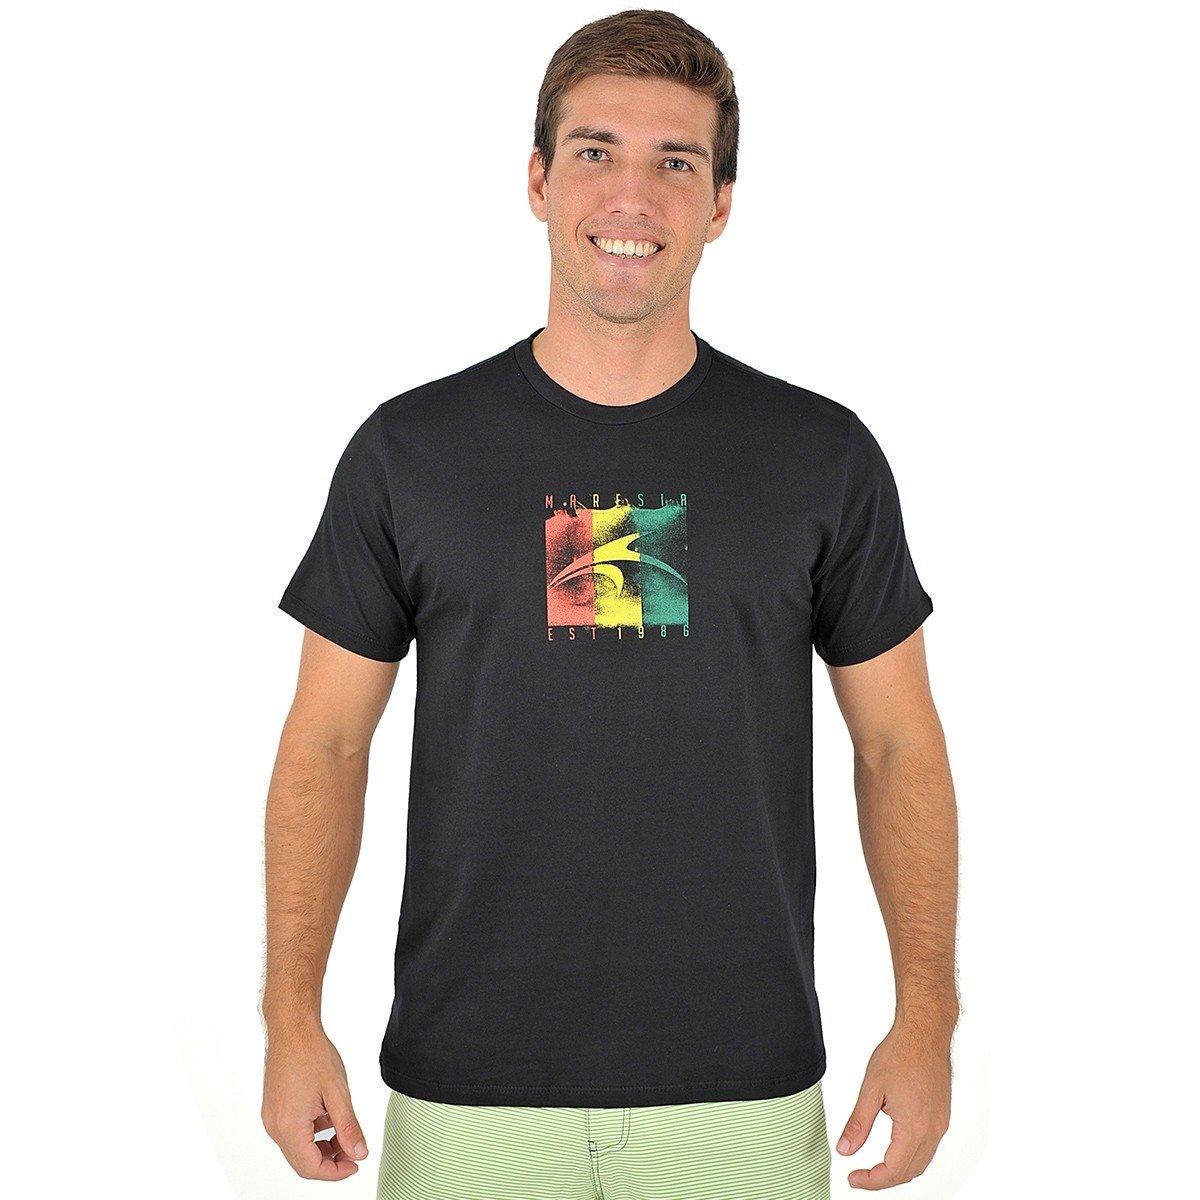 b04bb40b19d45 Camiseta Maresia Reggae - Compre Agora